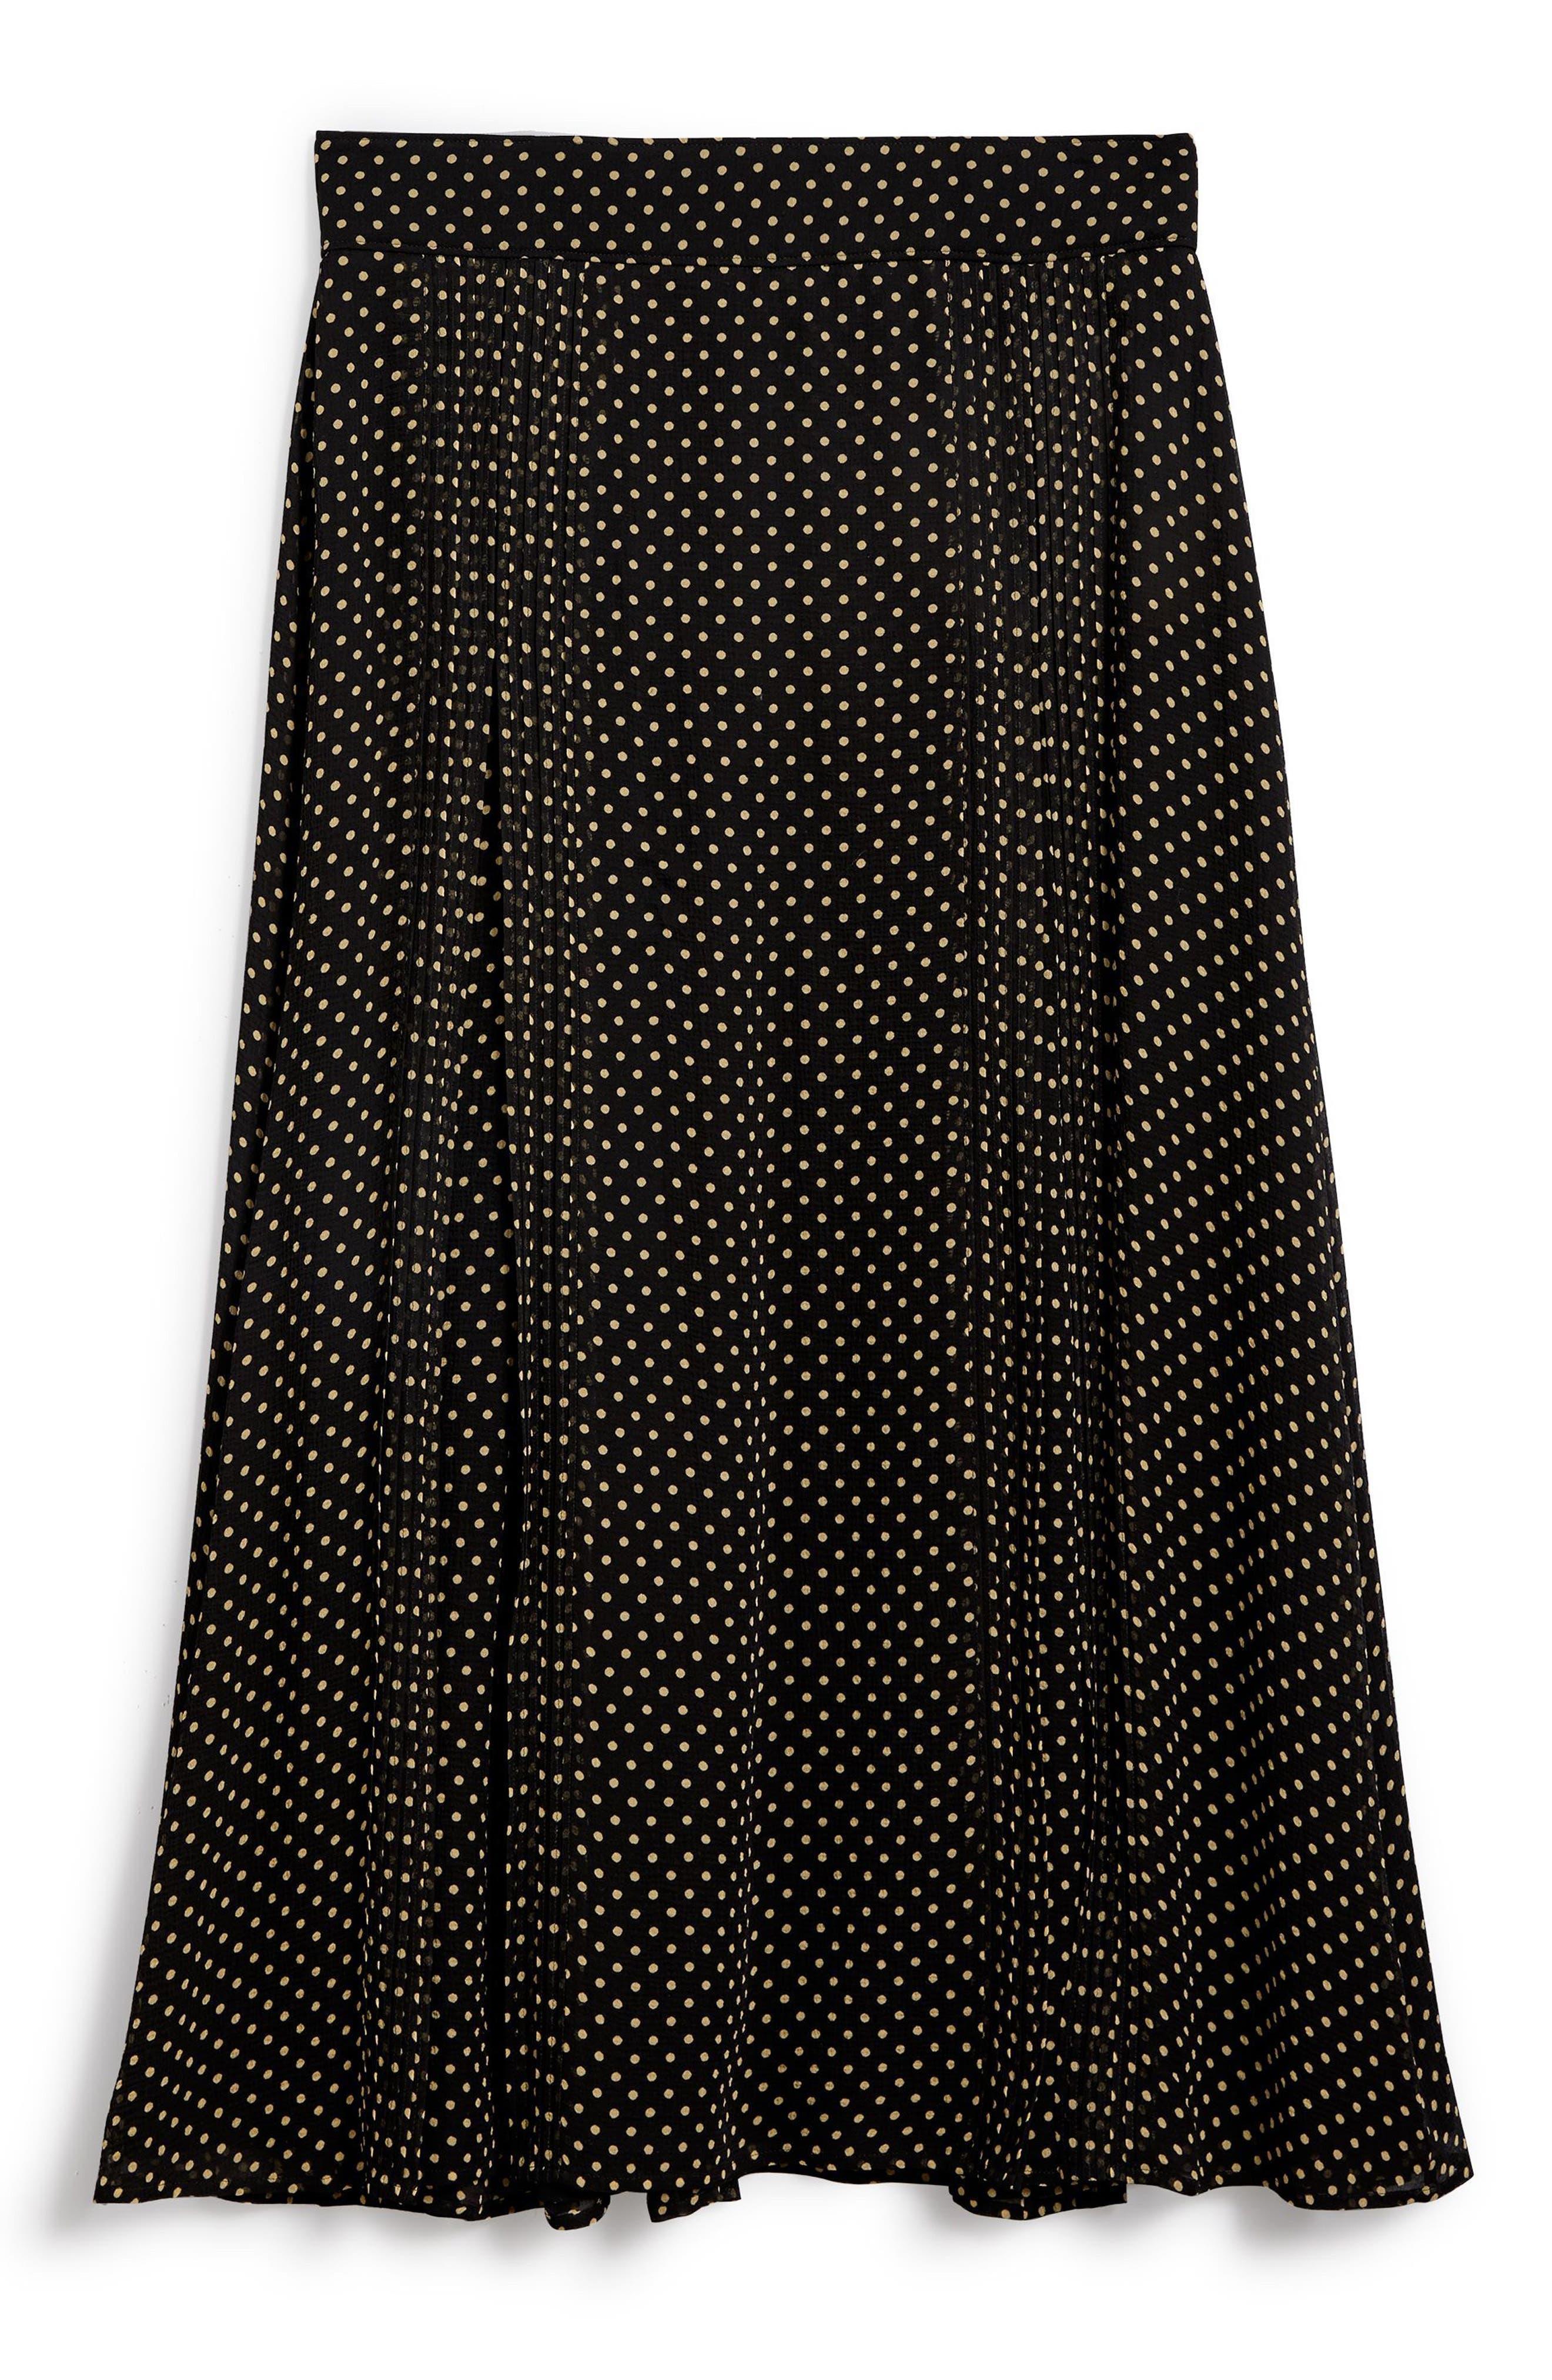 Fine Pintuck Dot Print Silk Skirt,                             Alternate thumbnail 4, color,